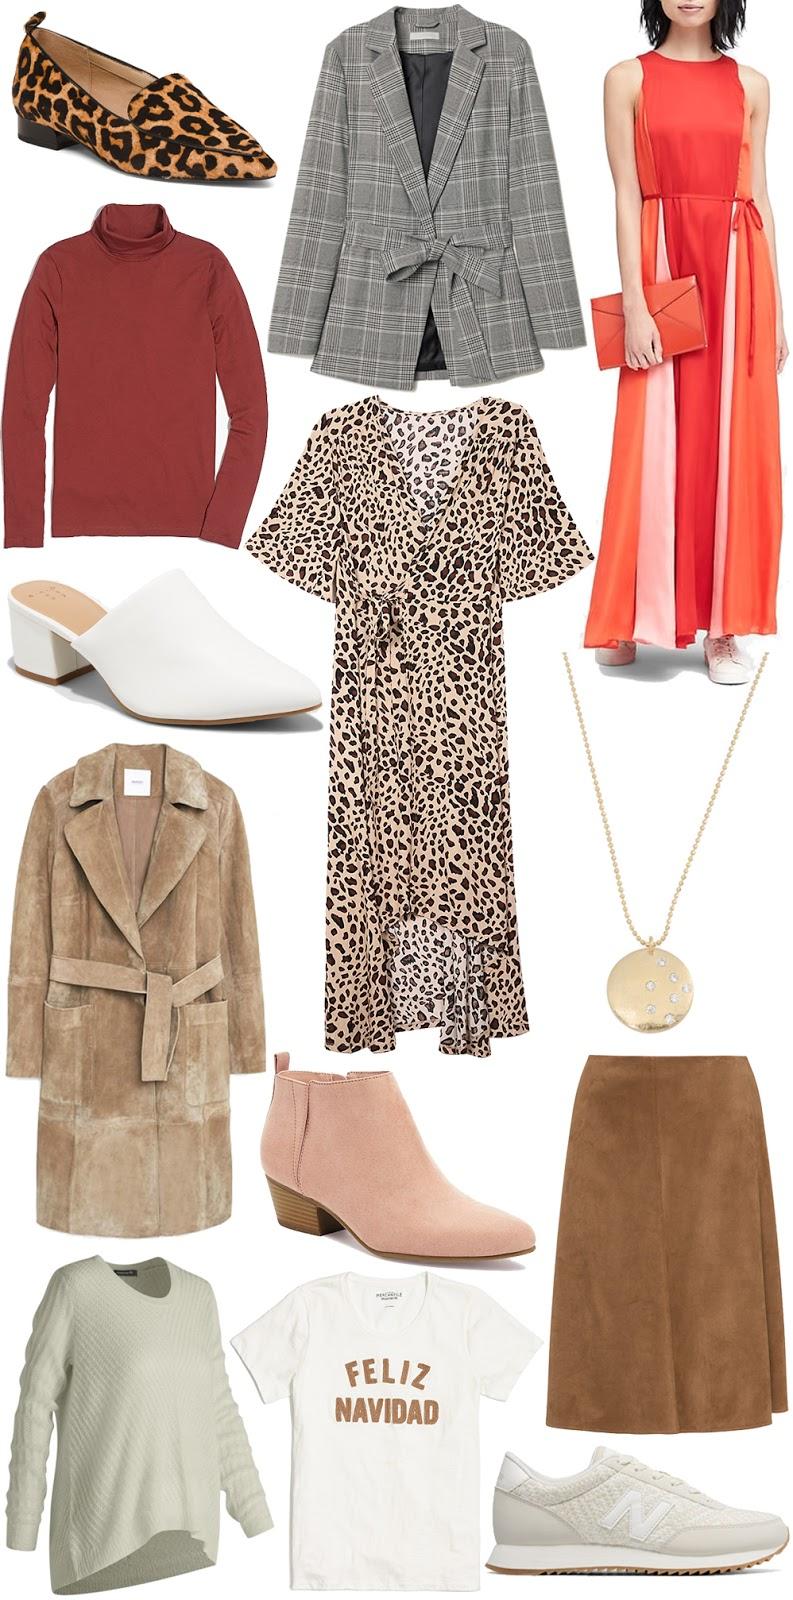 baa1b9ab084 Banana Republic Color Block Maxi Dress